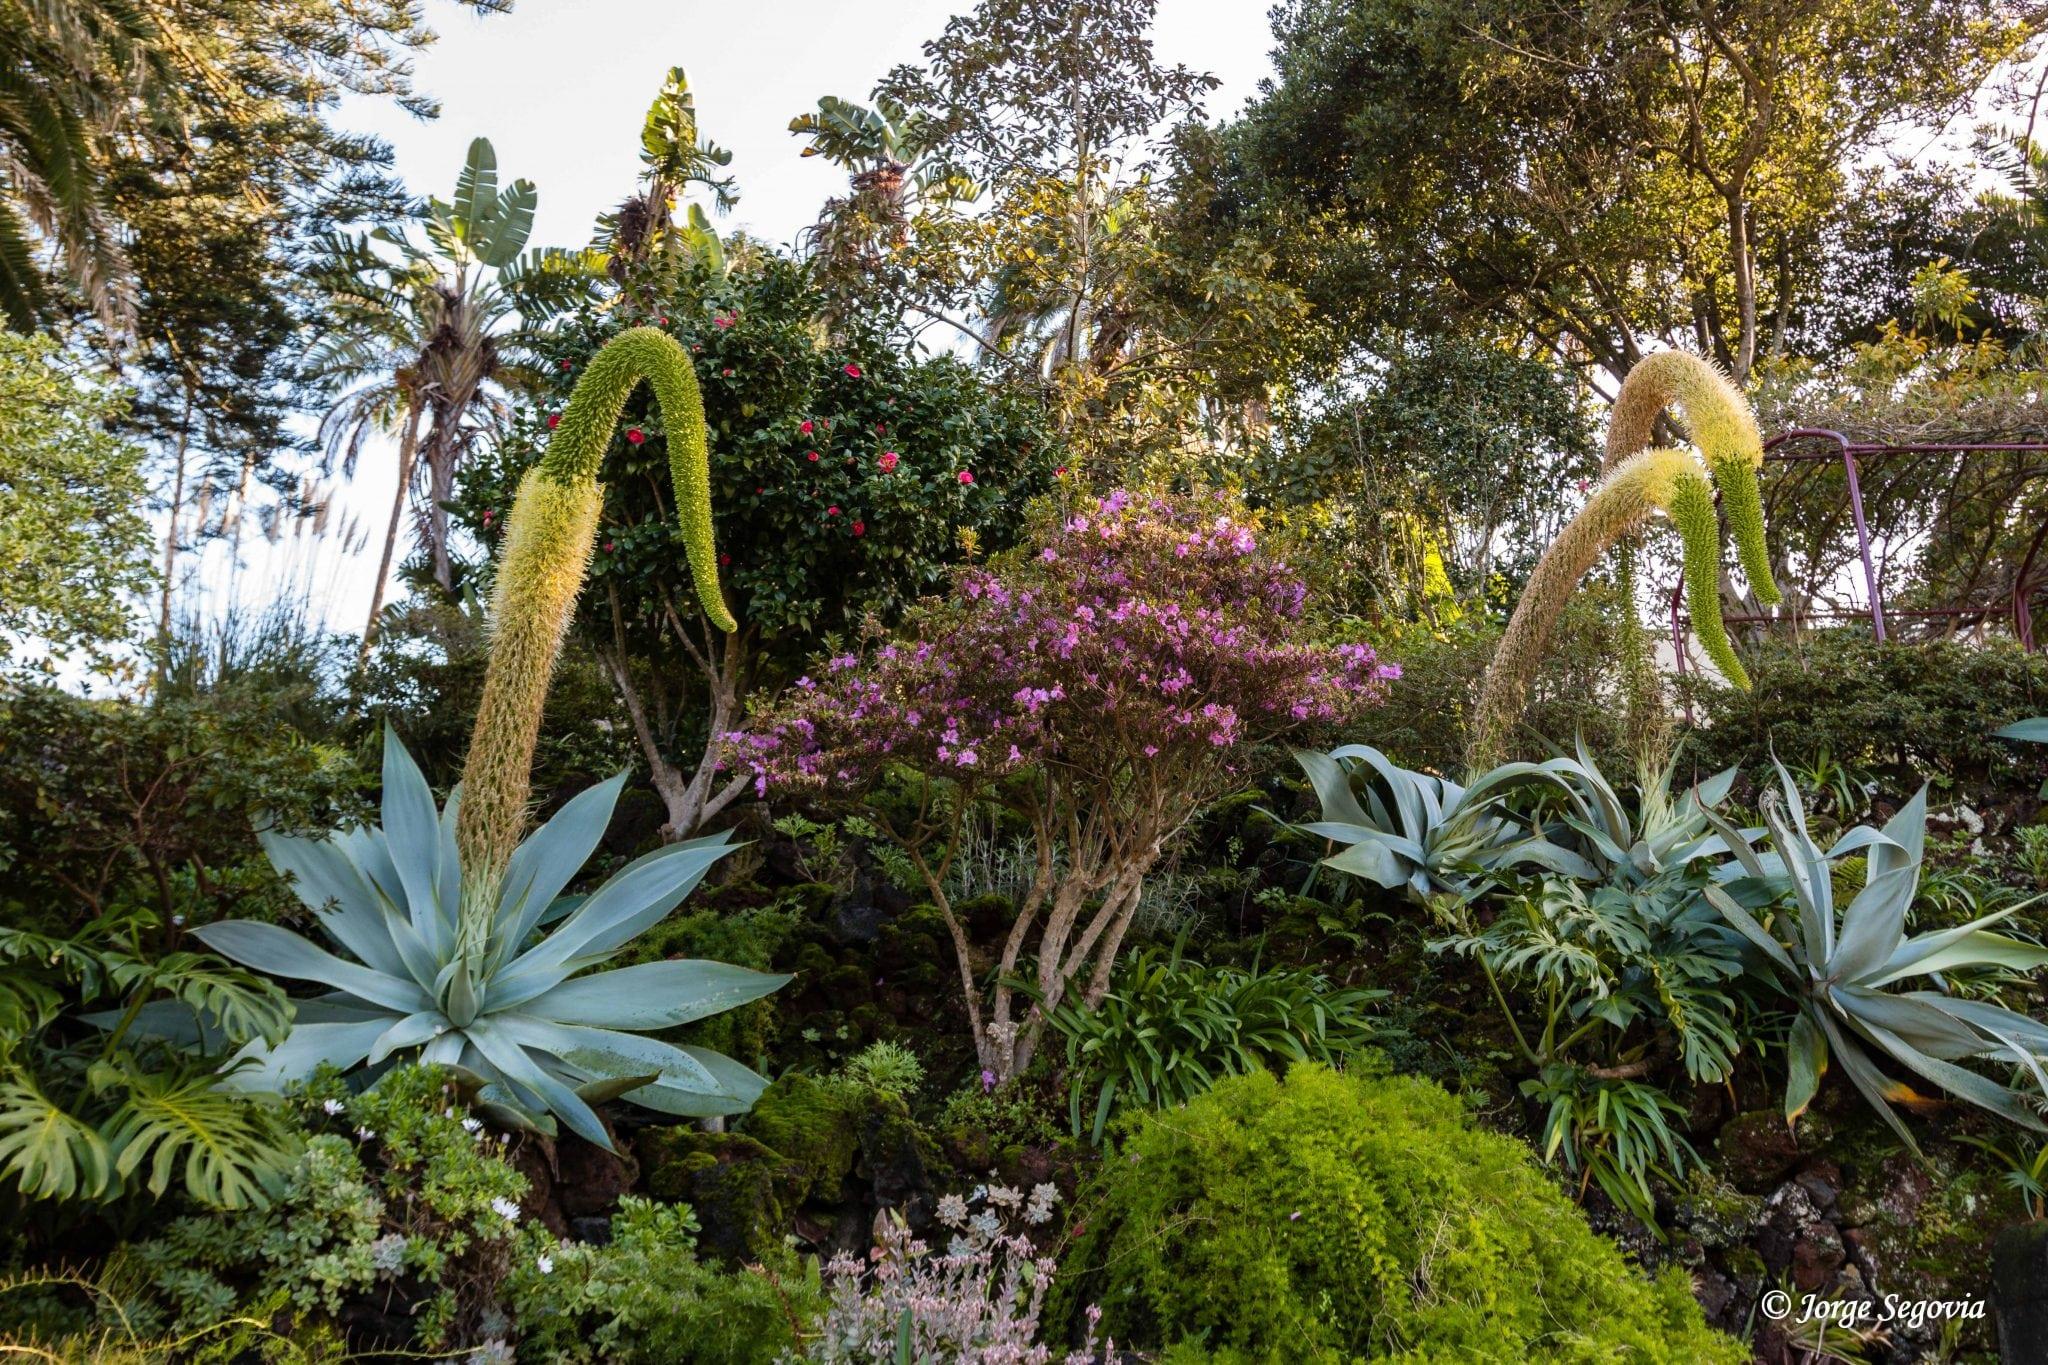 Jardín botánico de Terceira